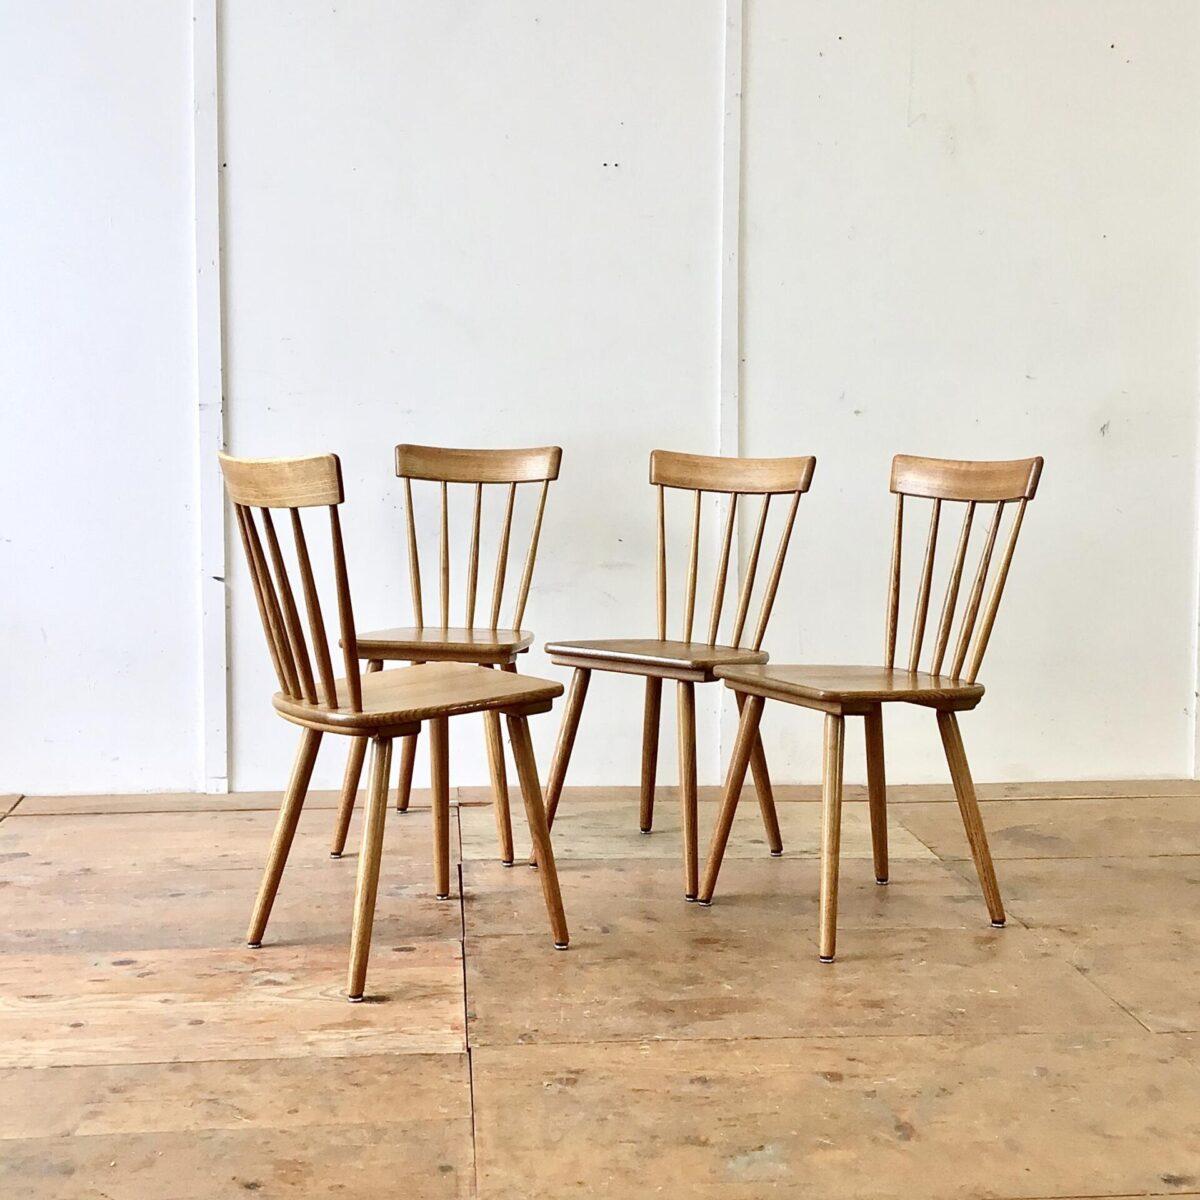 Deuxieme.shop 4er Set Sprossenstühle aus Eschenholz von Victoria Möbel. Sitzhöhe 45.5cm. Feingliedrige Bequeme Esszimmer Stühle (Stabellen). Eine schöne Abwechslung im Vergleich zu anderen Schweizer Holzstühlen, welche meistens aus Buchenholz sind.